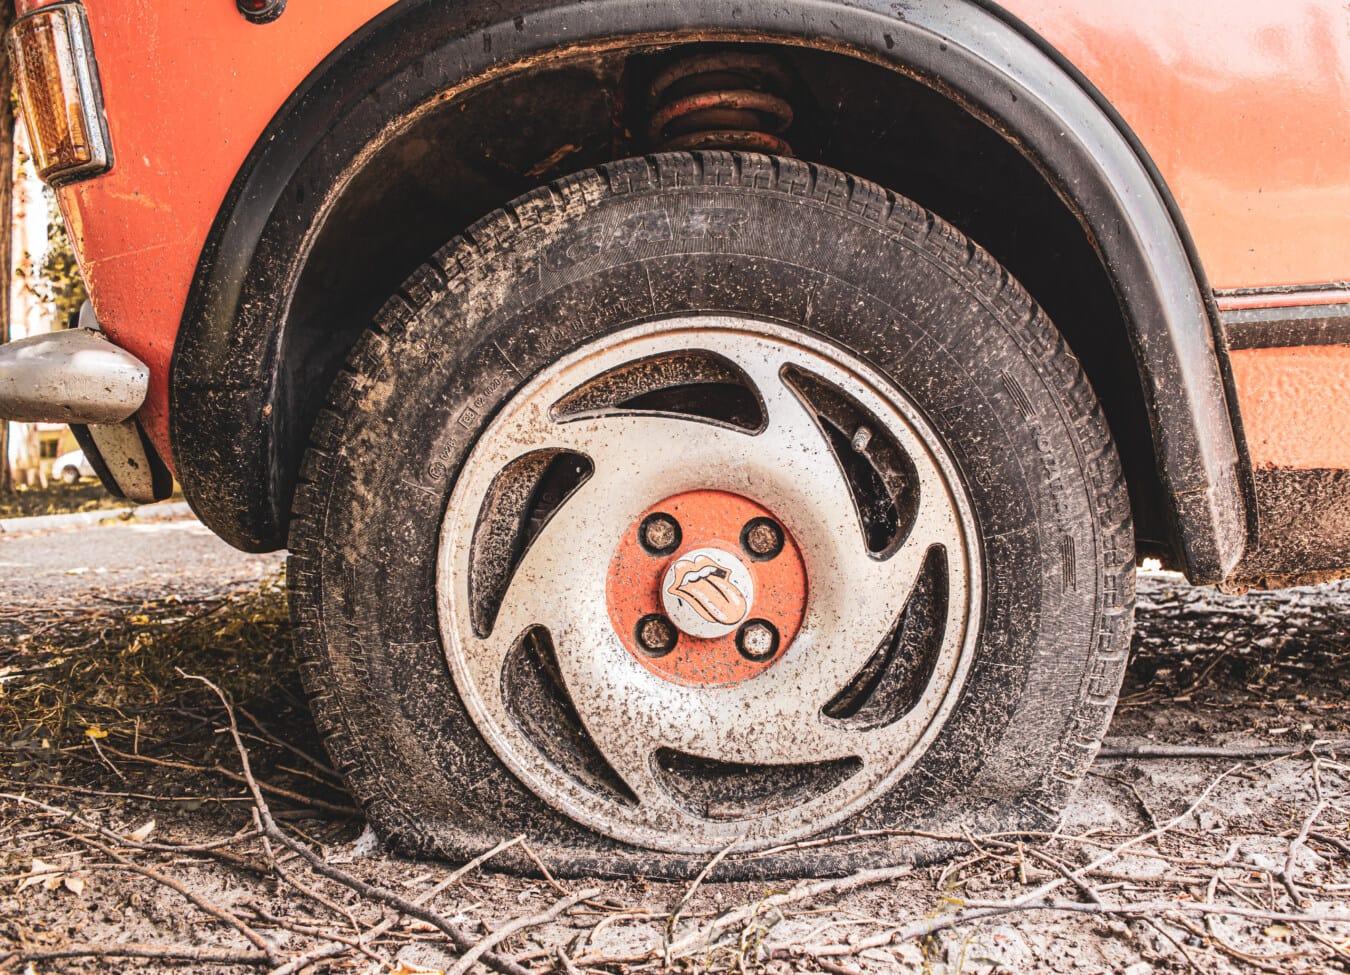 indésirable, abandonné, voiture, pneu, carie, Parc de stationnement, nostalgie, sale, vieux, automobile